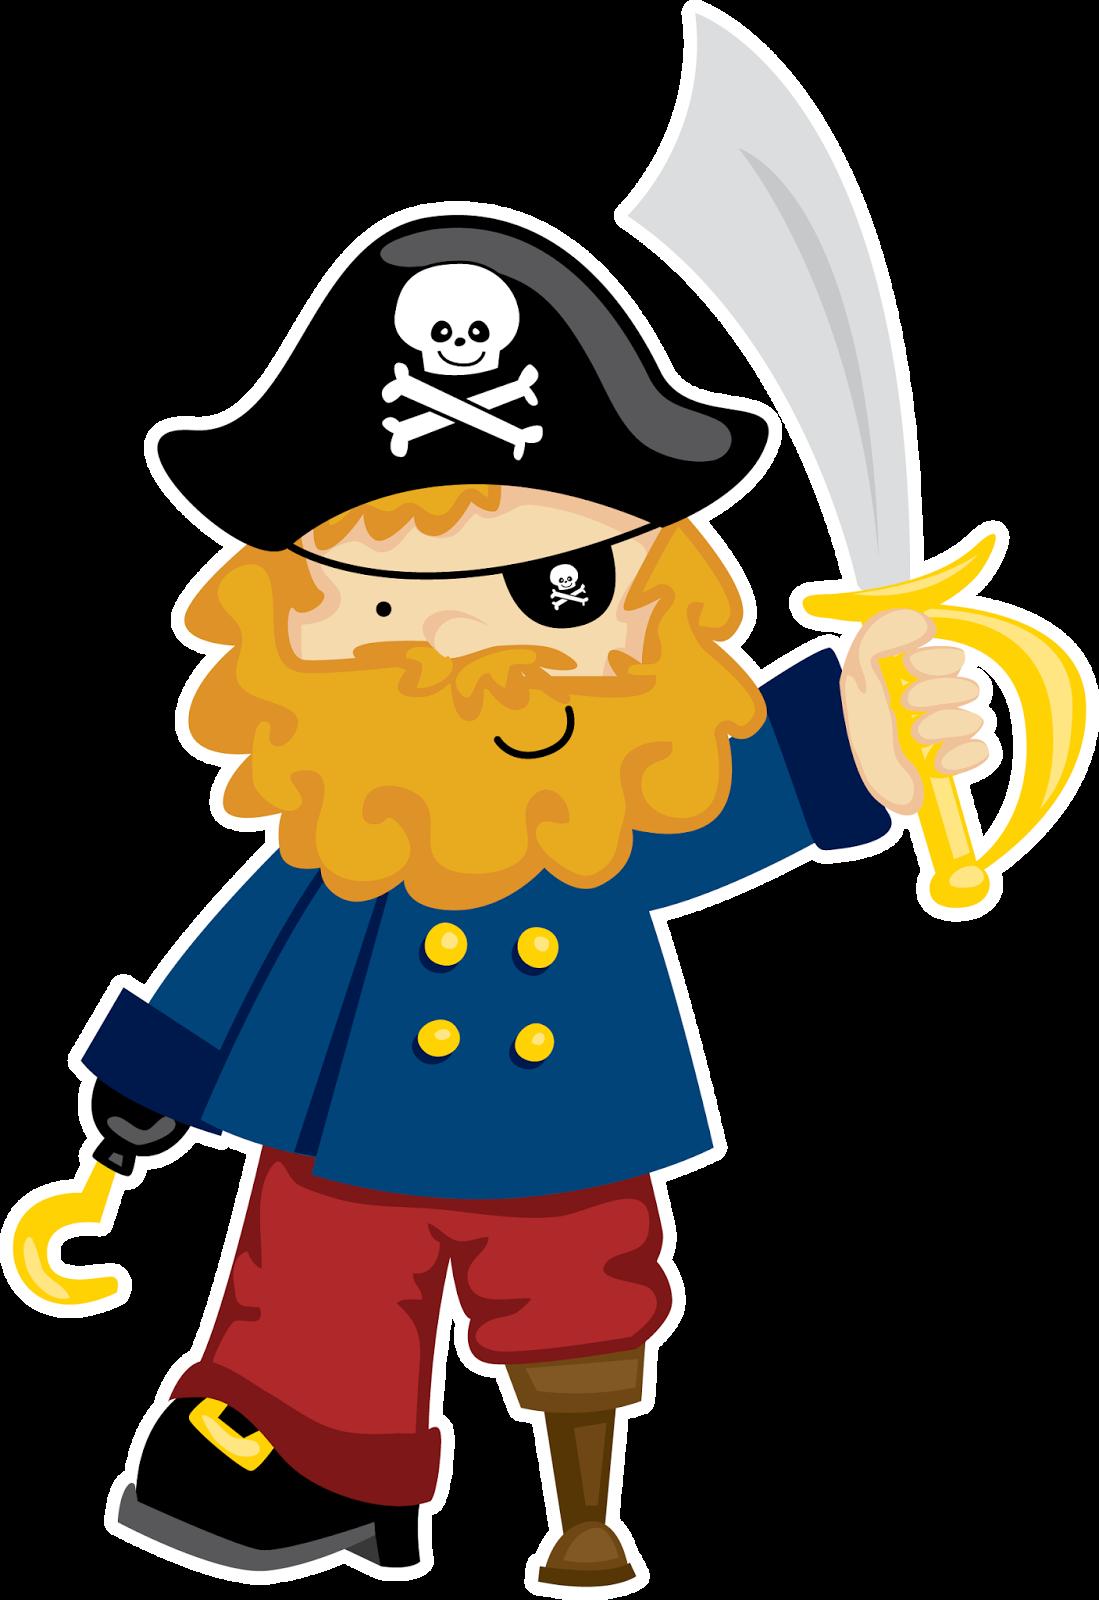 Clipart aventura pirata ideas y material gratis para fiestas y celebraciones oh my fiesta - Piratas infantiles imagenes ...